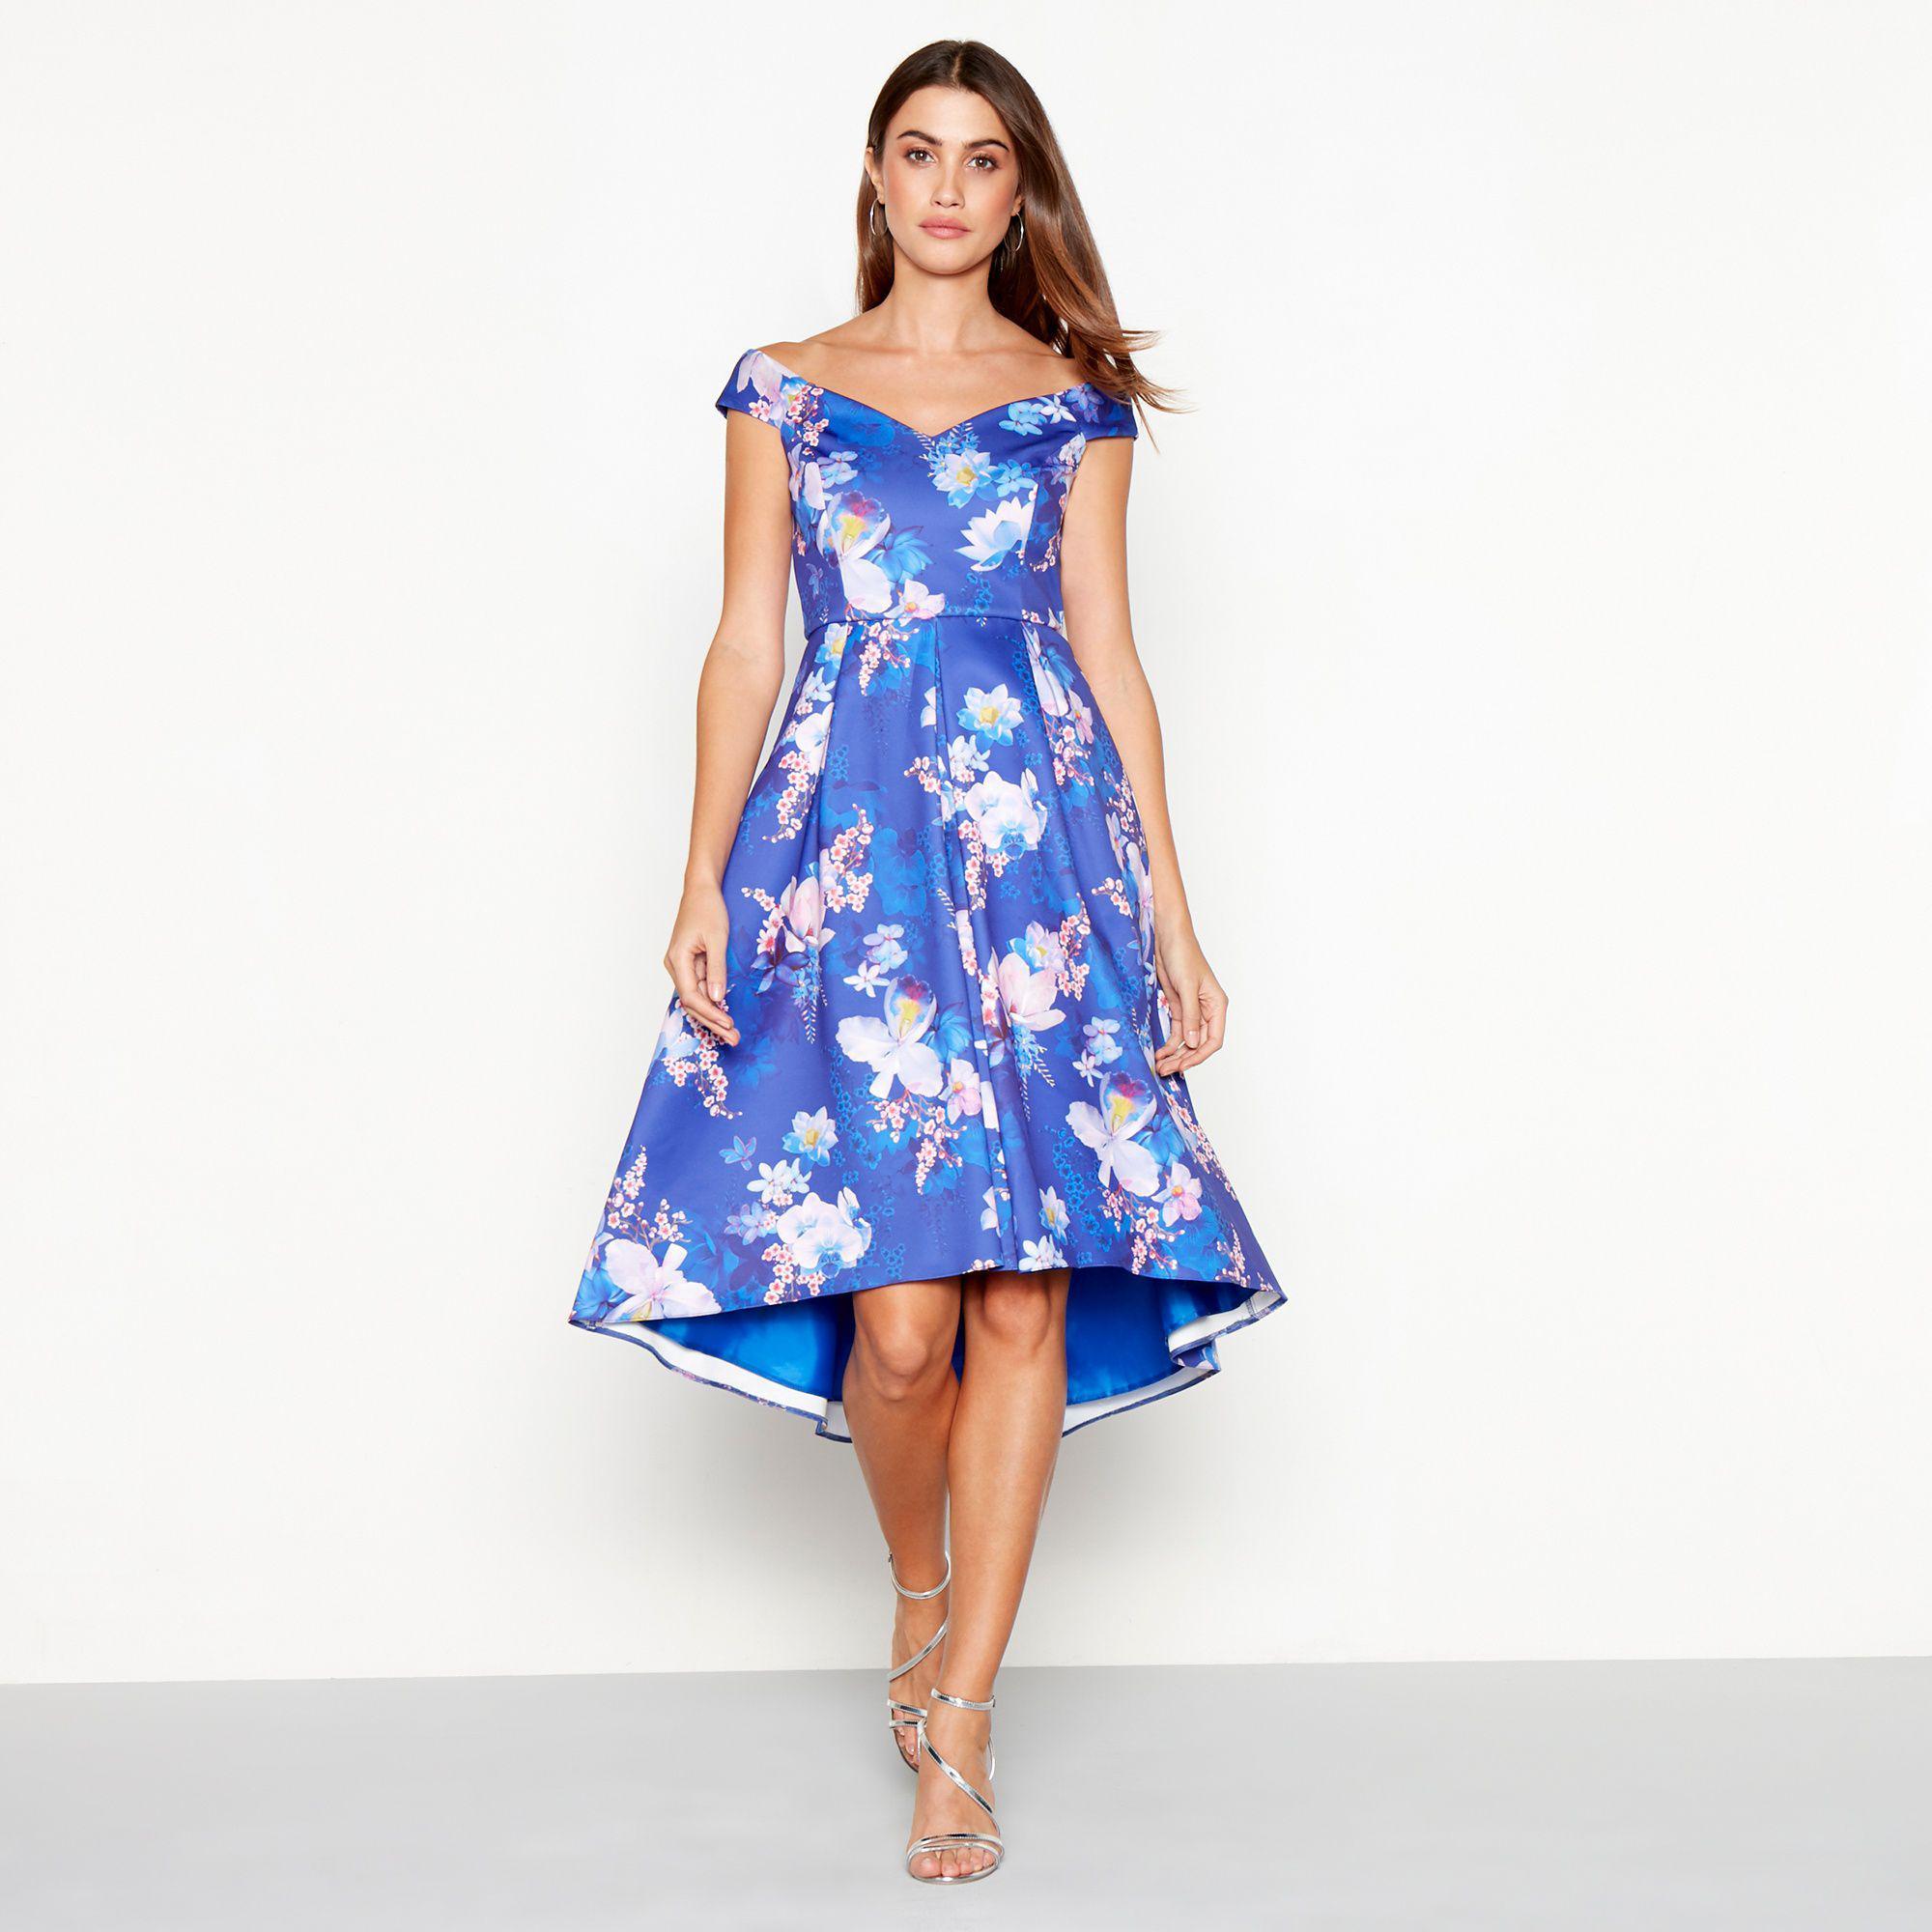 Tolle Debüt Prom Kleid Galerie - Hochzeit Kleid Stile Ideen ...